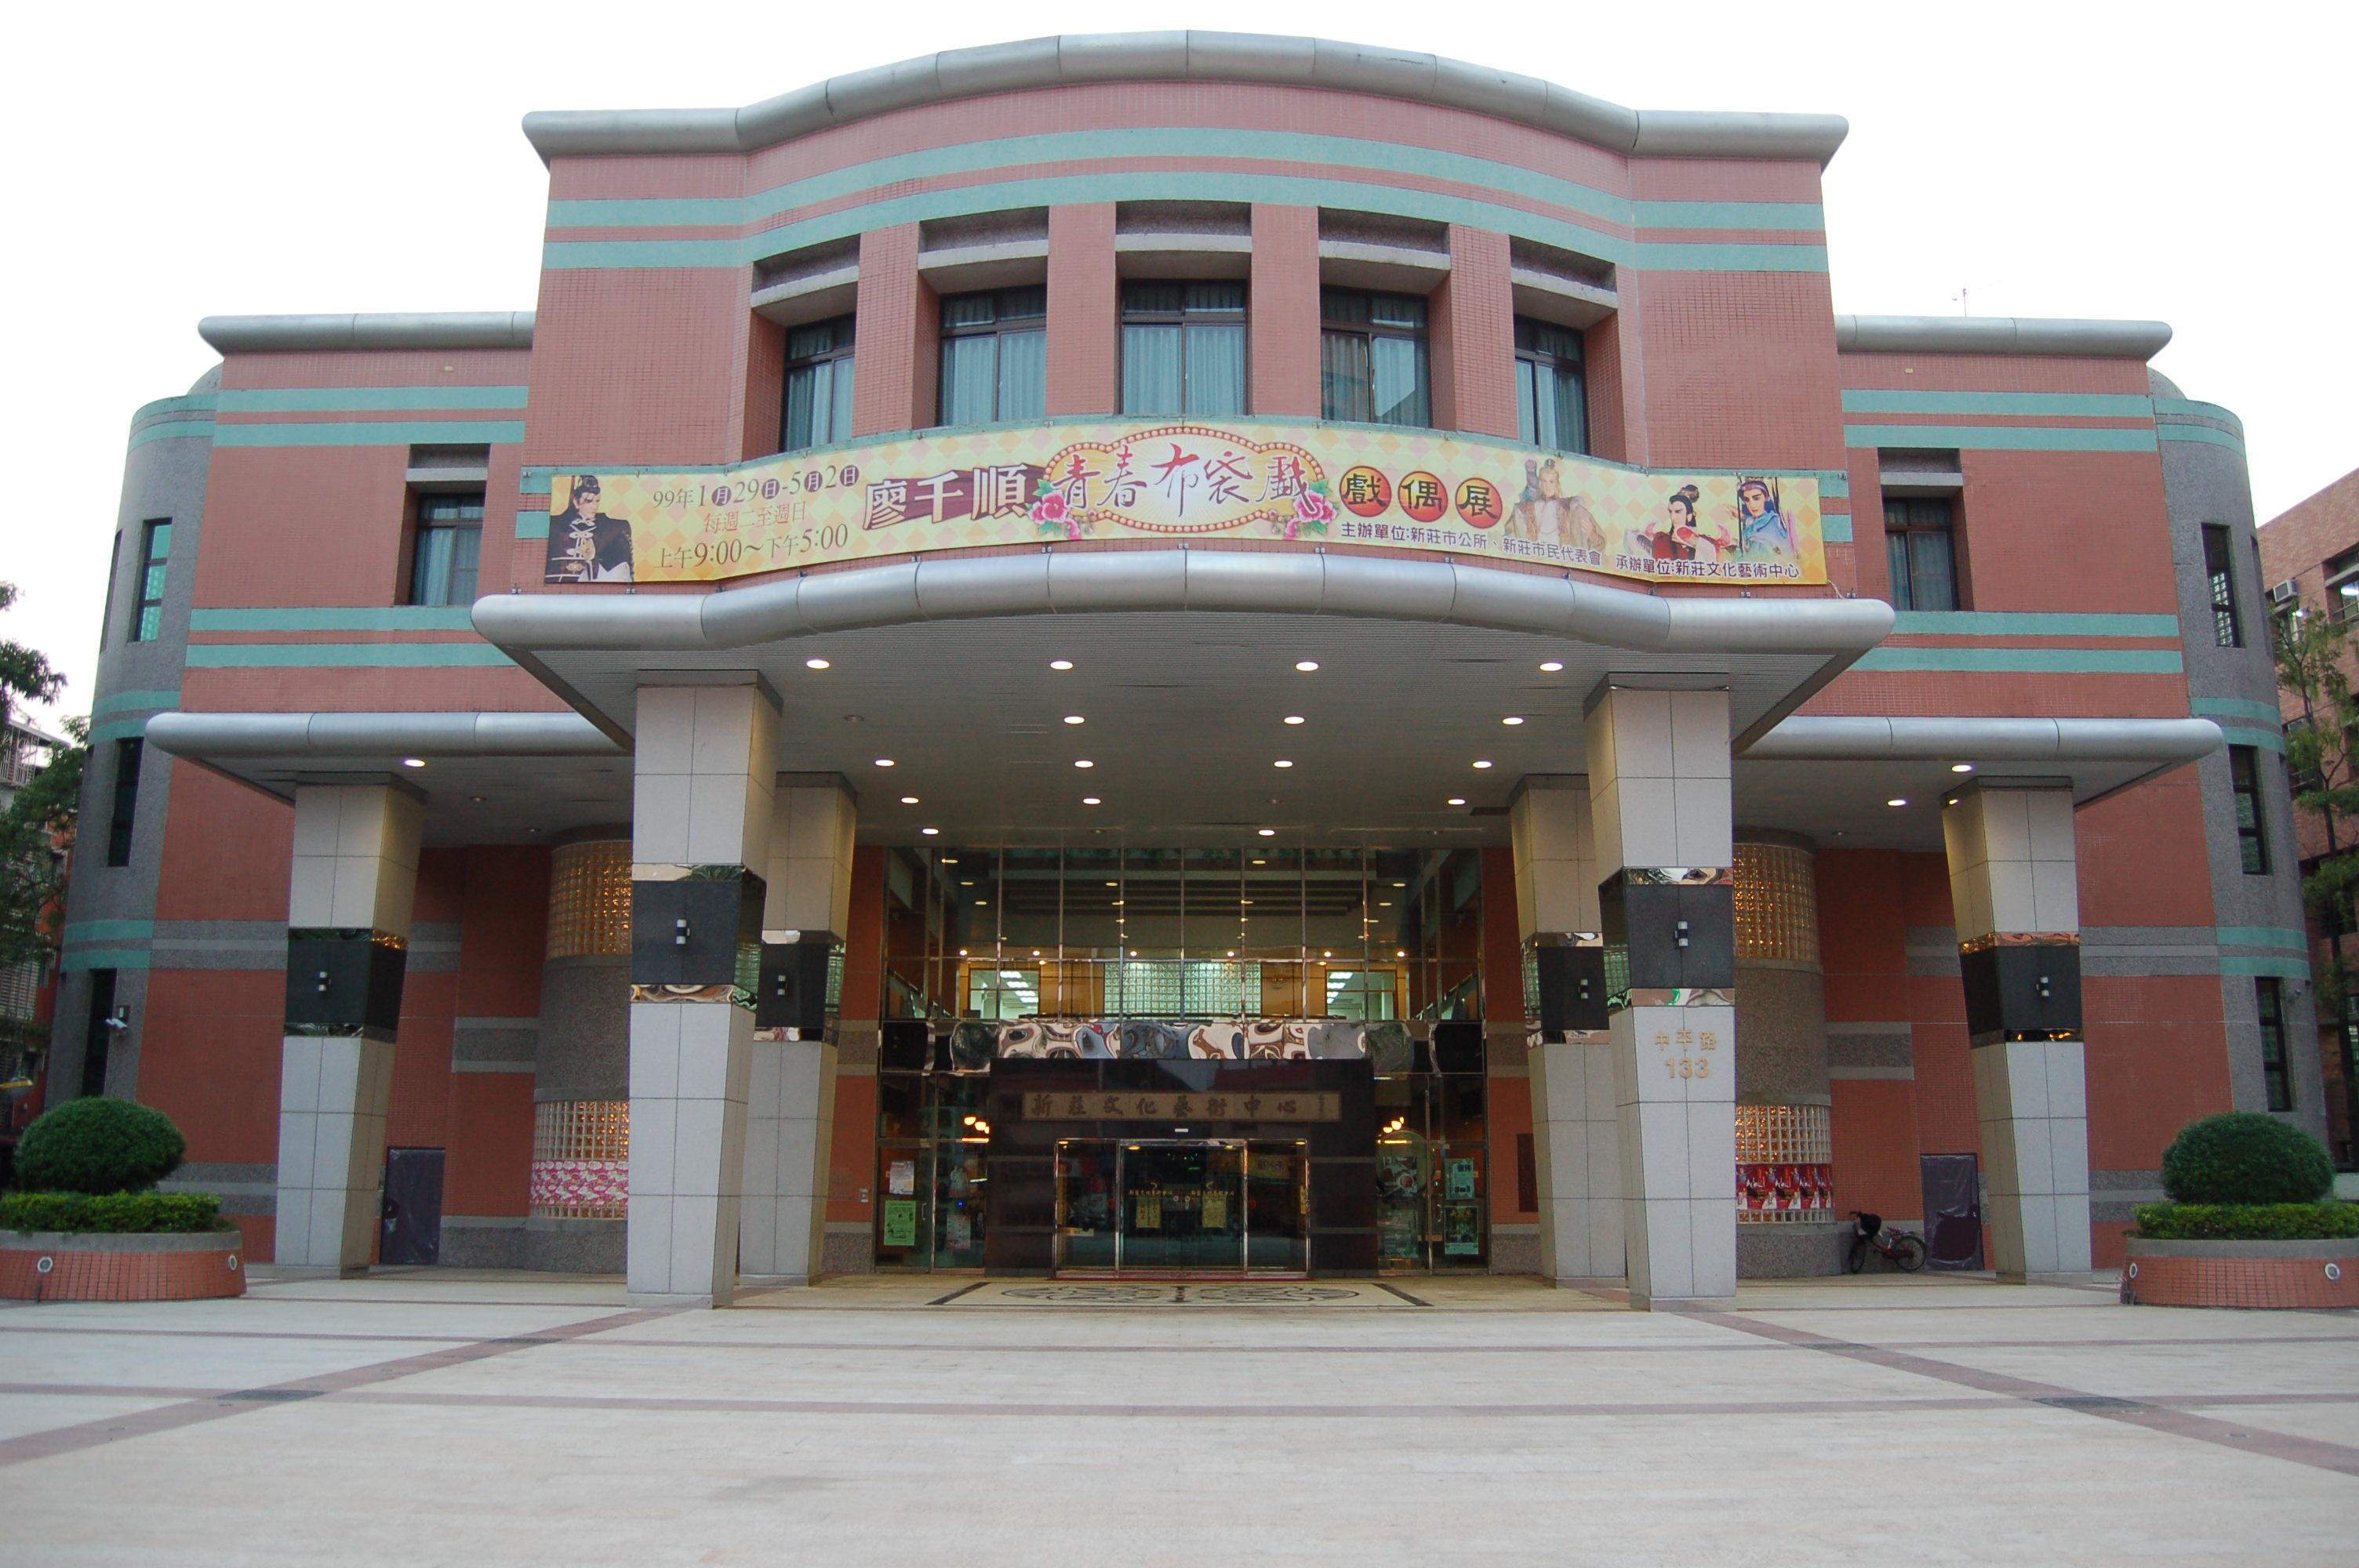 公告106年1月至6月新北藝文中心及新莊文化藝術中心演藝廳檔期開放申請